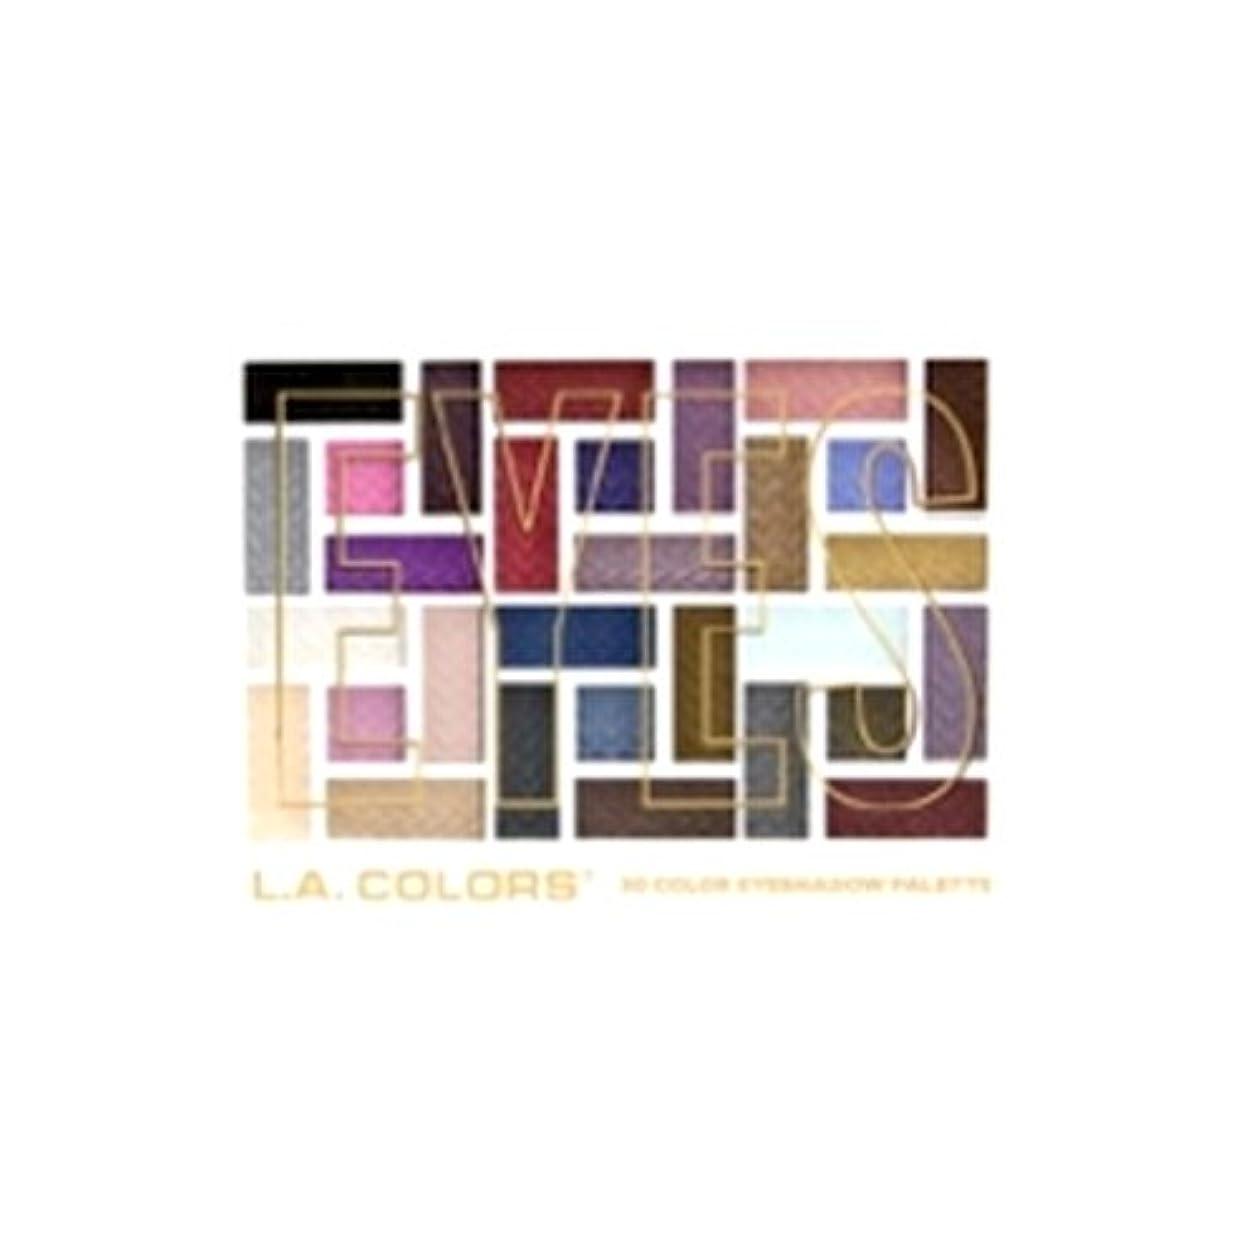 スカルクドア普遍的な(6 Pack) L.A. COLORS 30 Color Eyeshadow Palette - Back To Basics (並行輸入品)